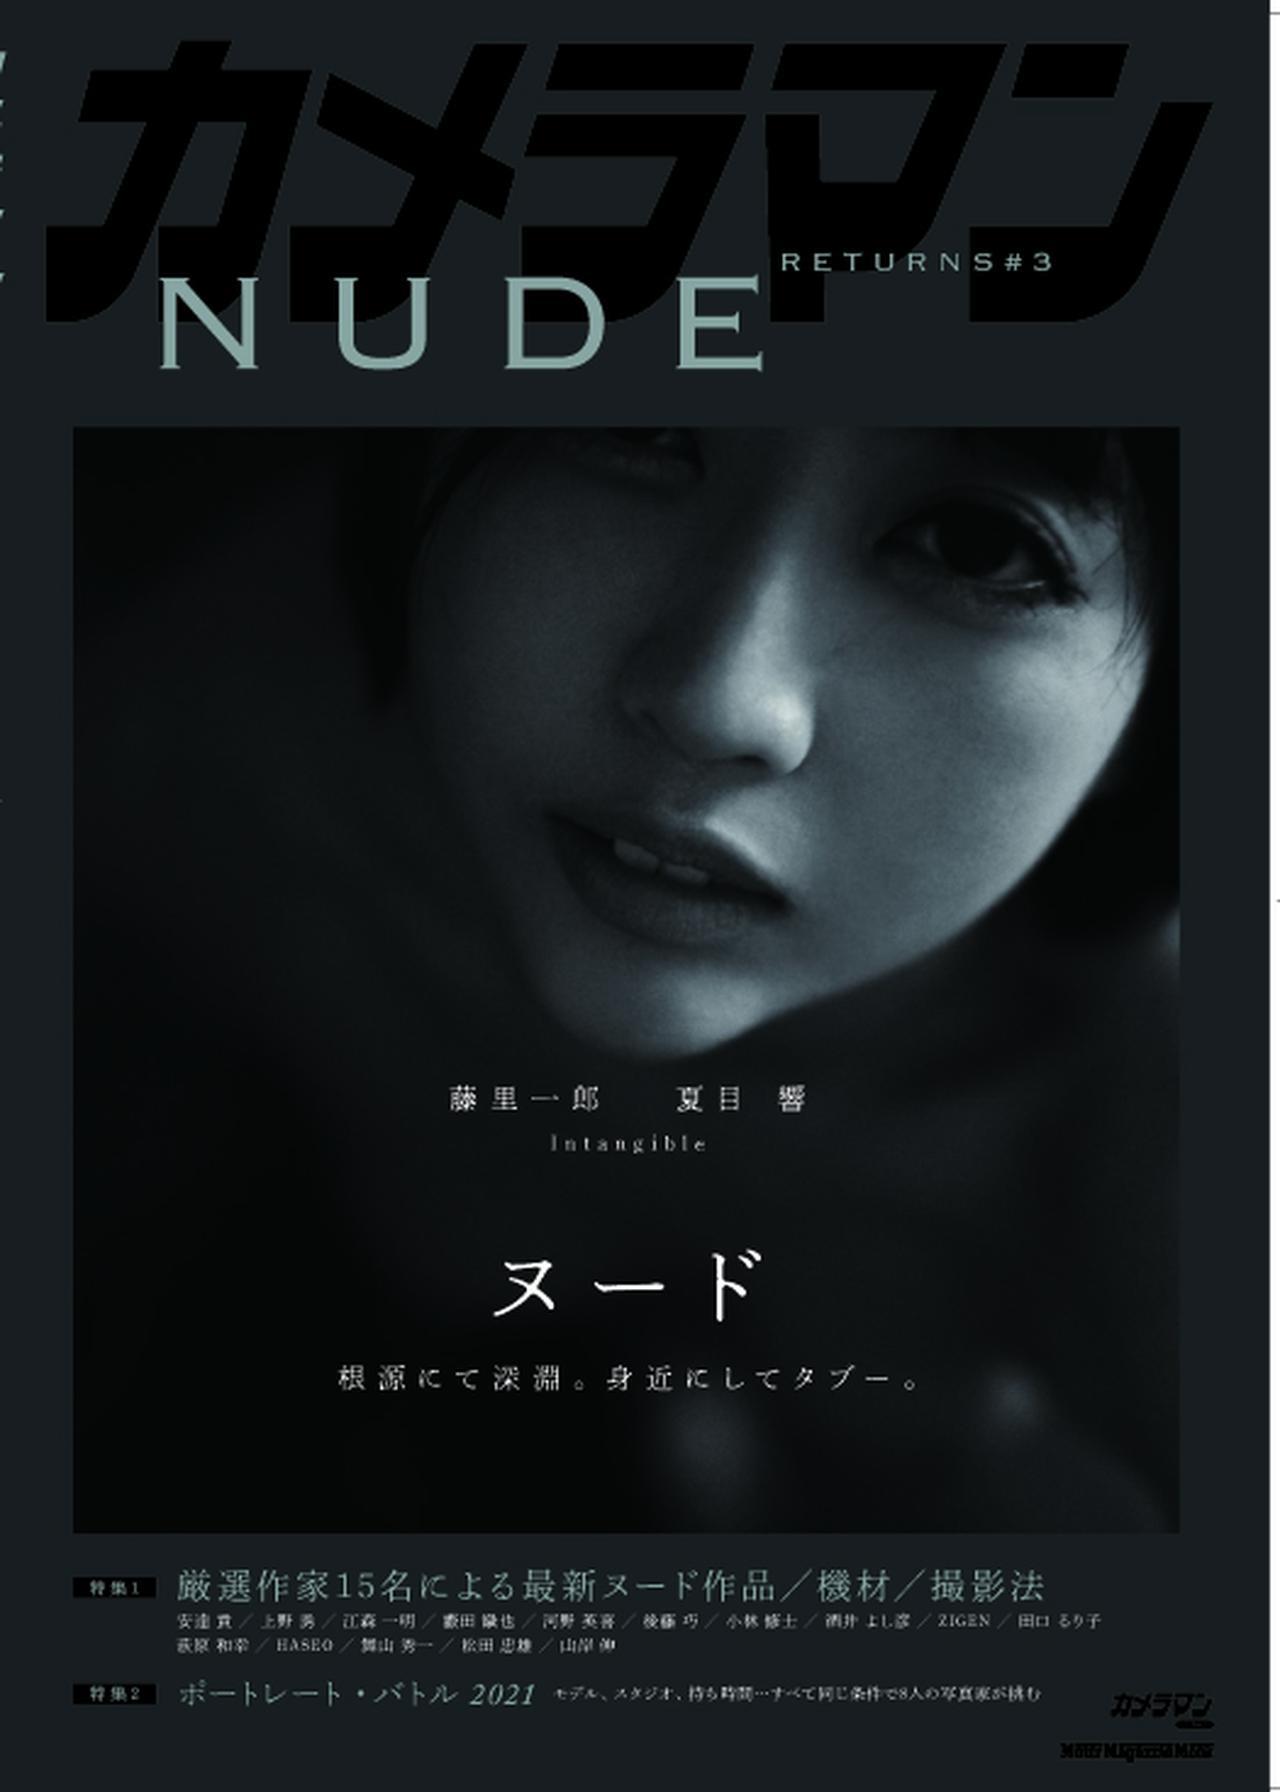 画像4: カメラマン RETURNS#3 NUDEは本日(9月30日)、発売!